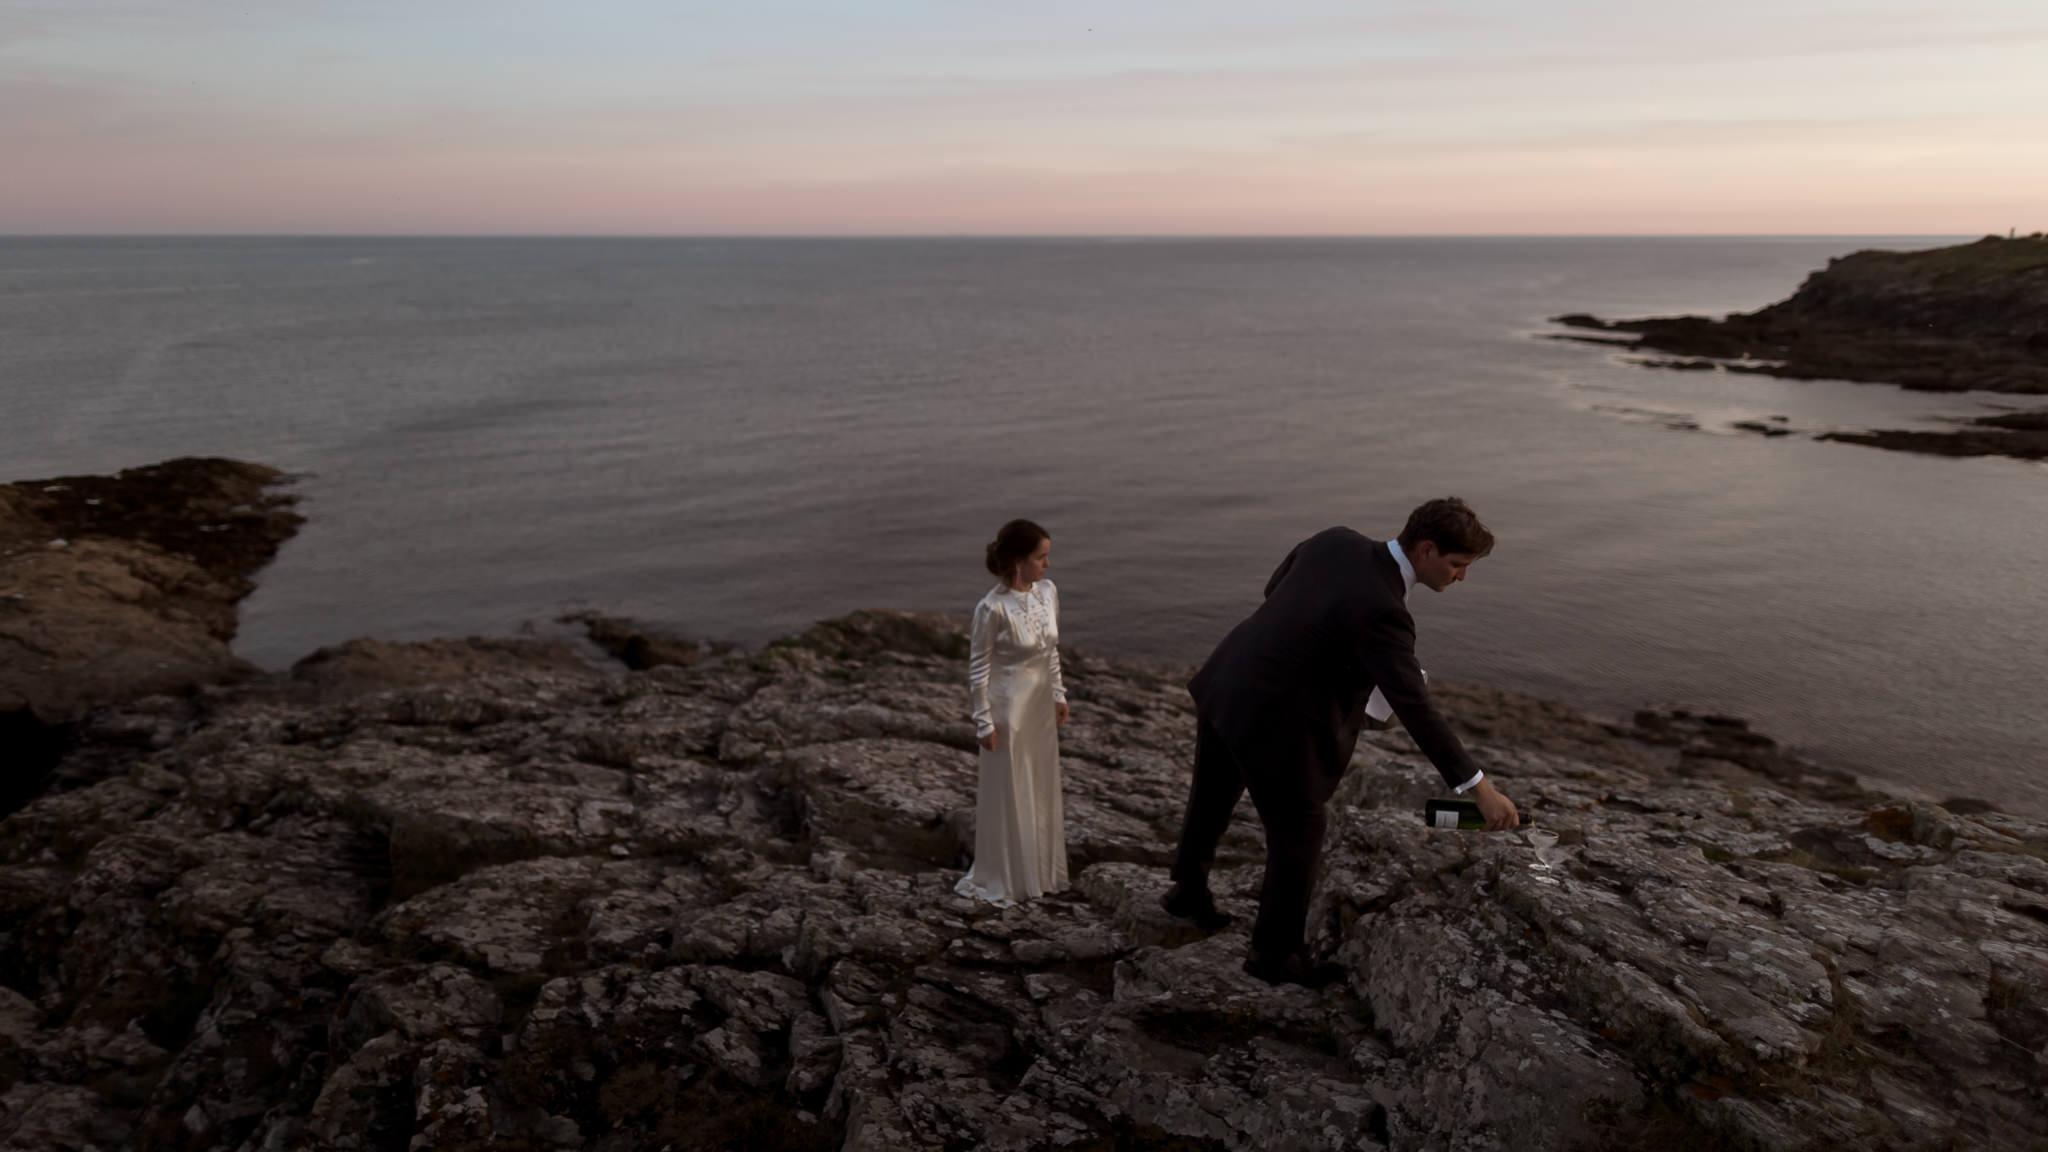 Cornish Wedding Photography 2018   Layla + Ed